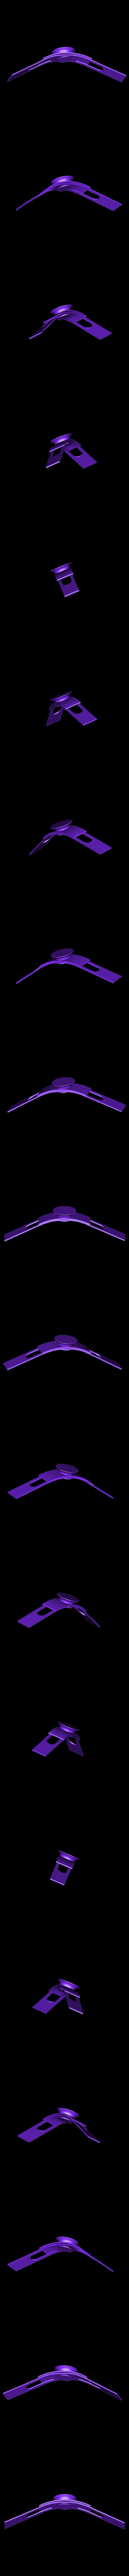 preview.stl Download free STL file Welding Strap Placeholder • 3D printable model, indigo4